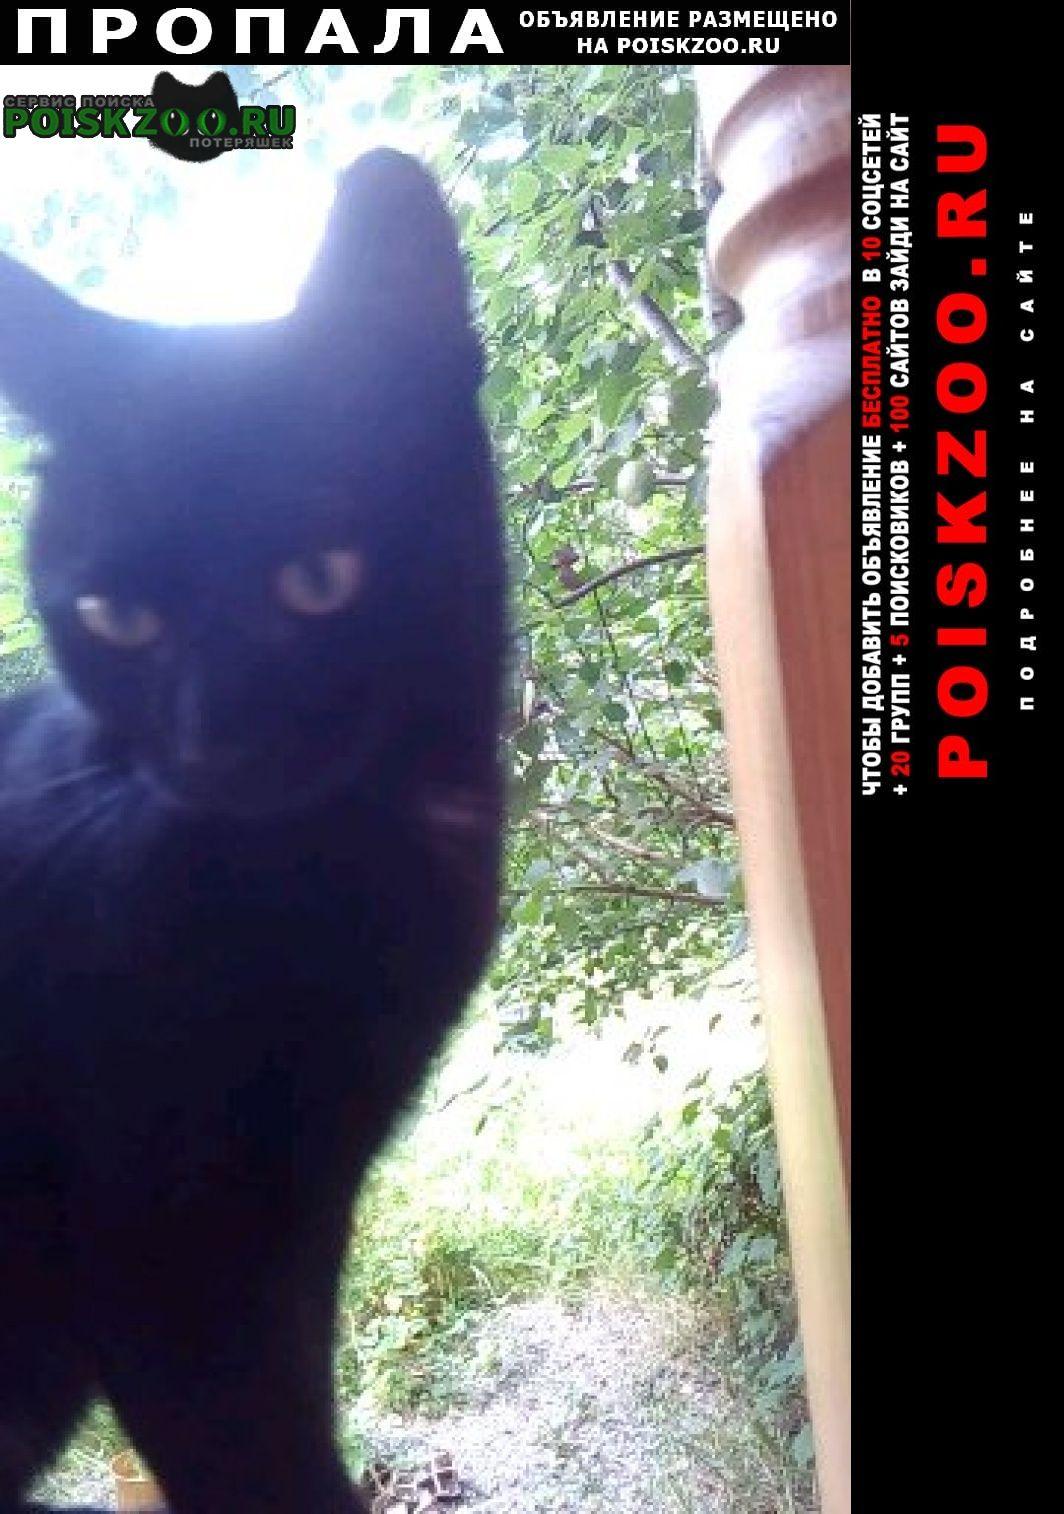 Пропала кошка чёрный котёнок 4 месячный Родники (Московская обл.)